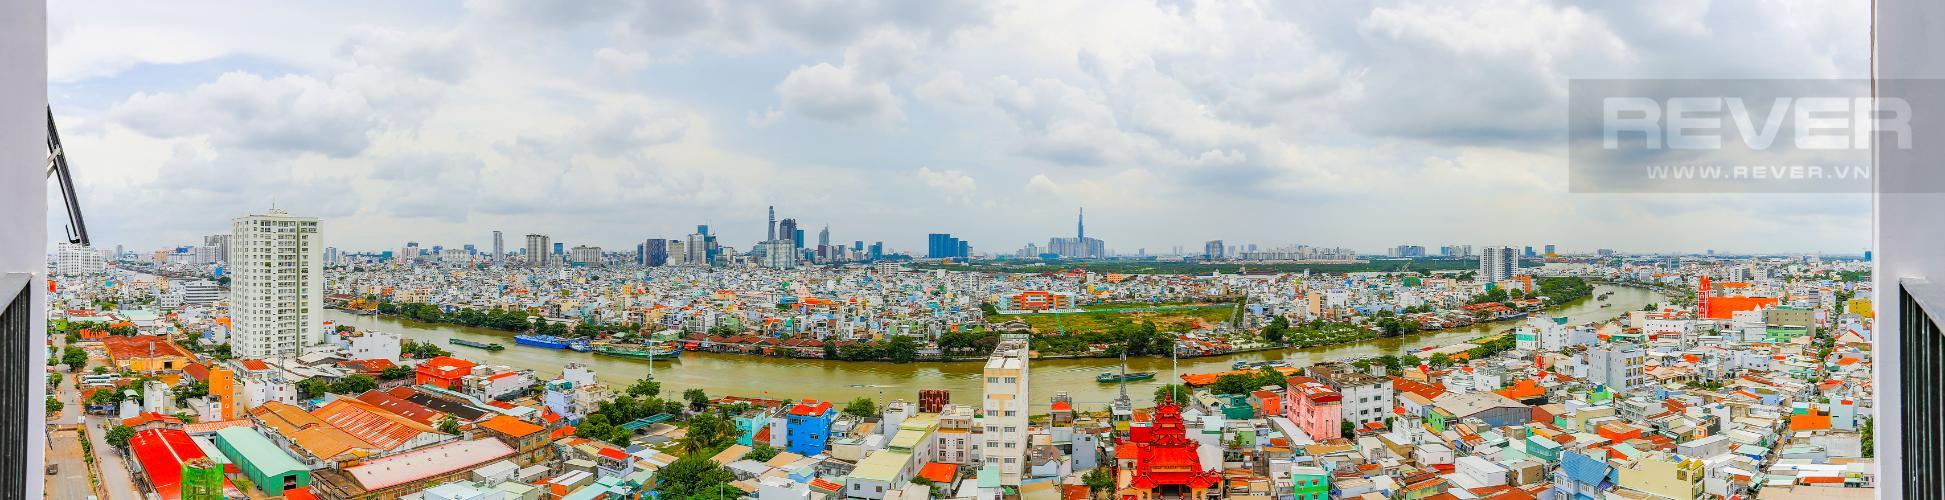 View Căn hộ M-One Nam Sài Gòn 2 phòng ngủ tầng thấp T1